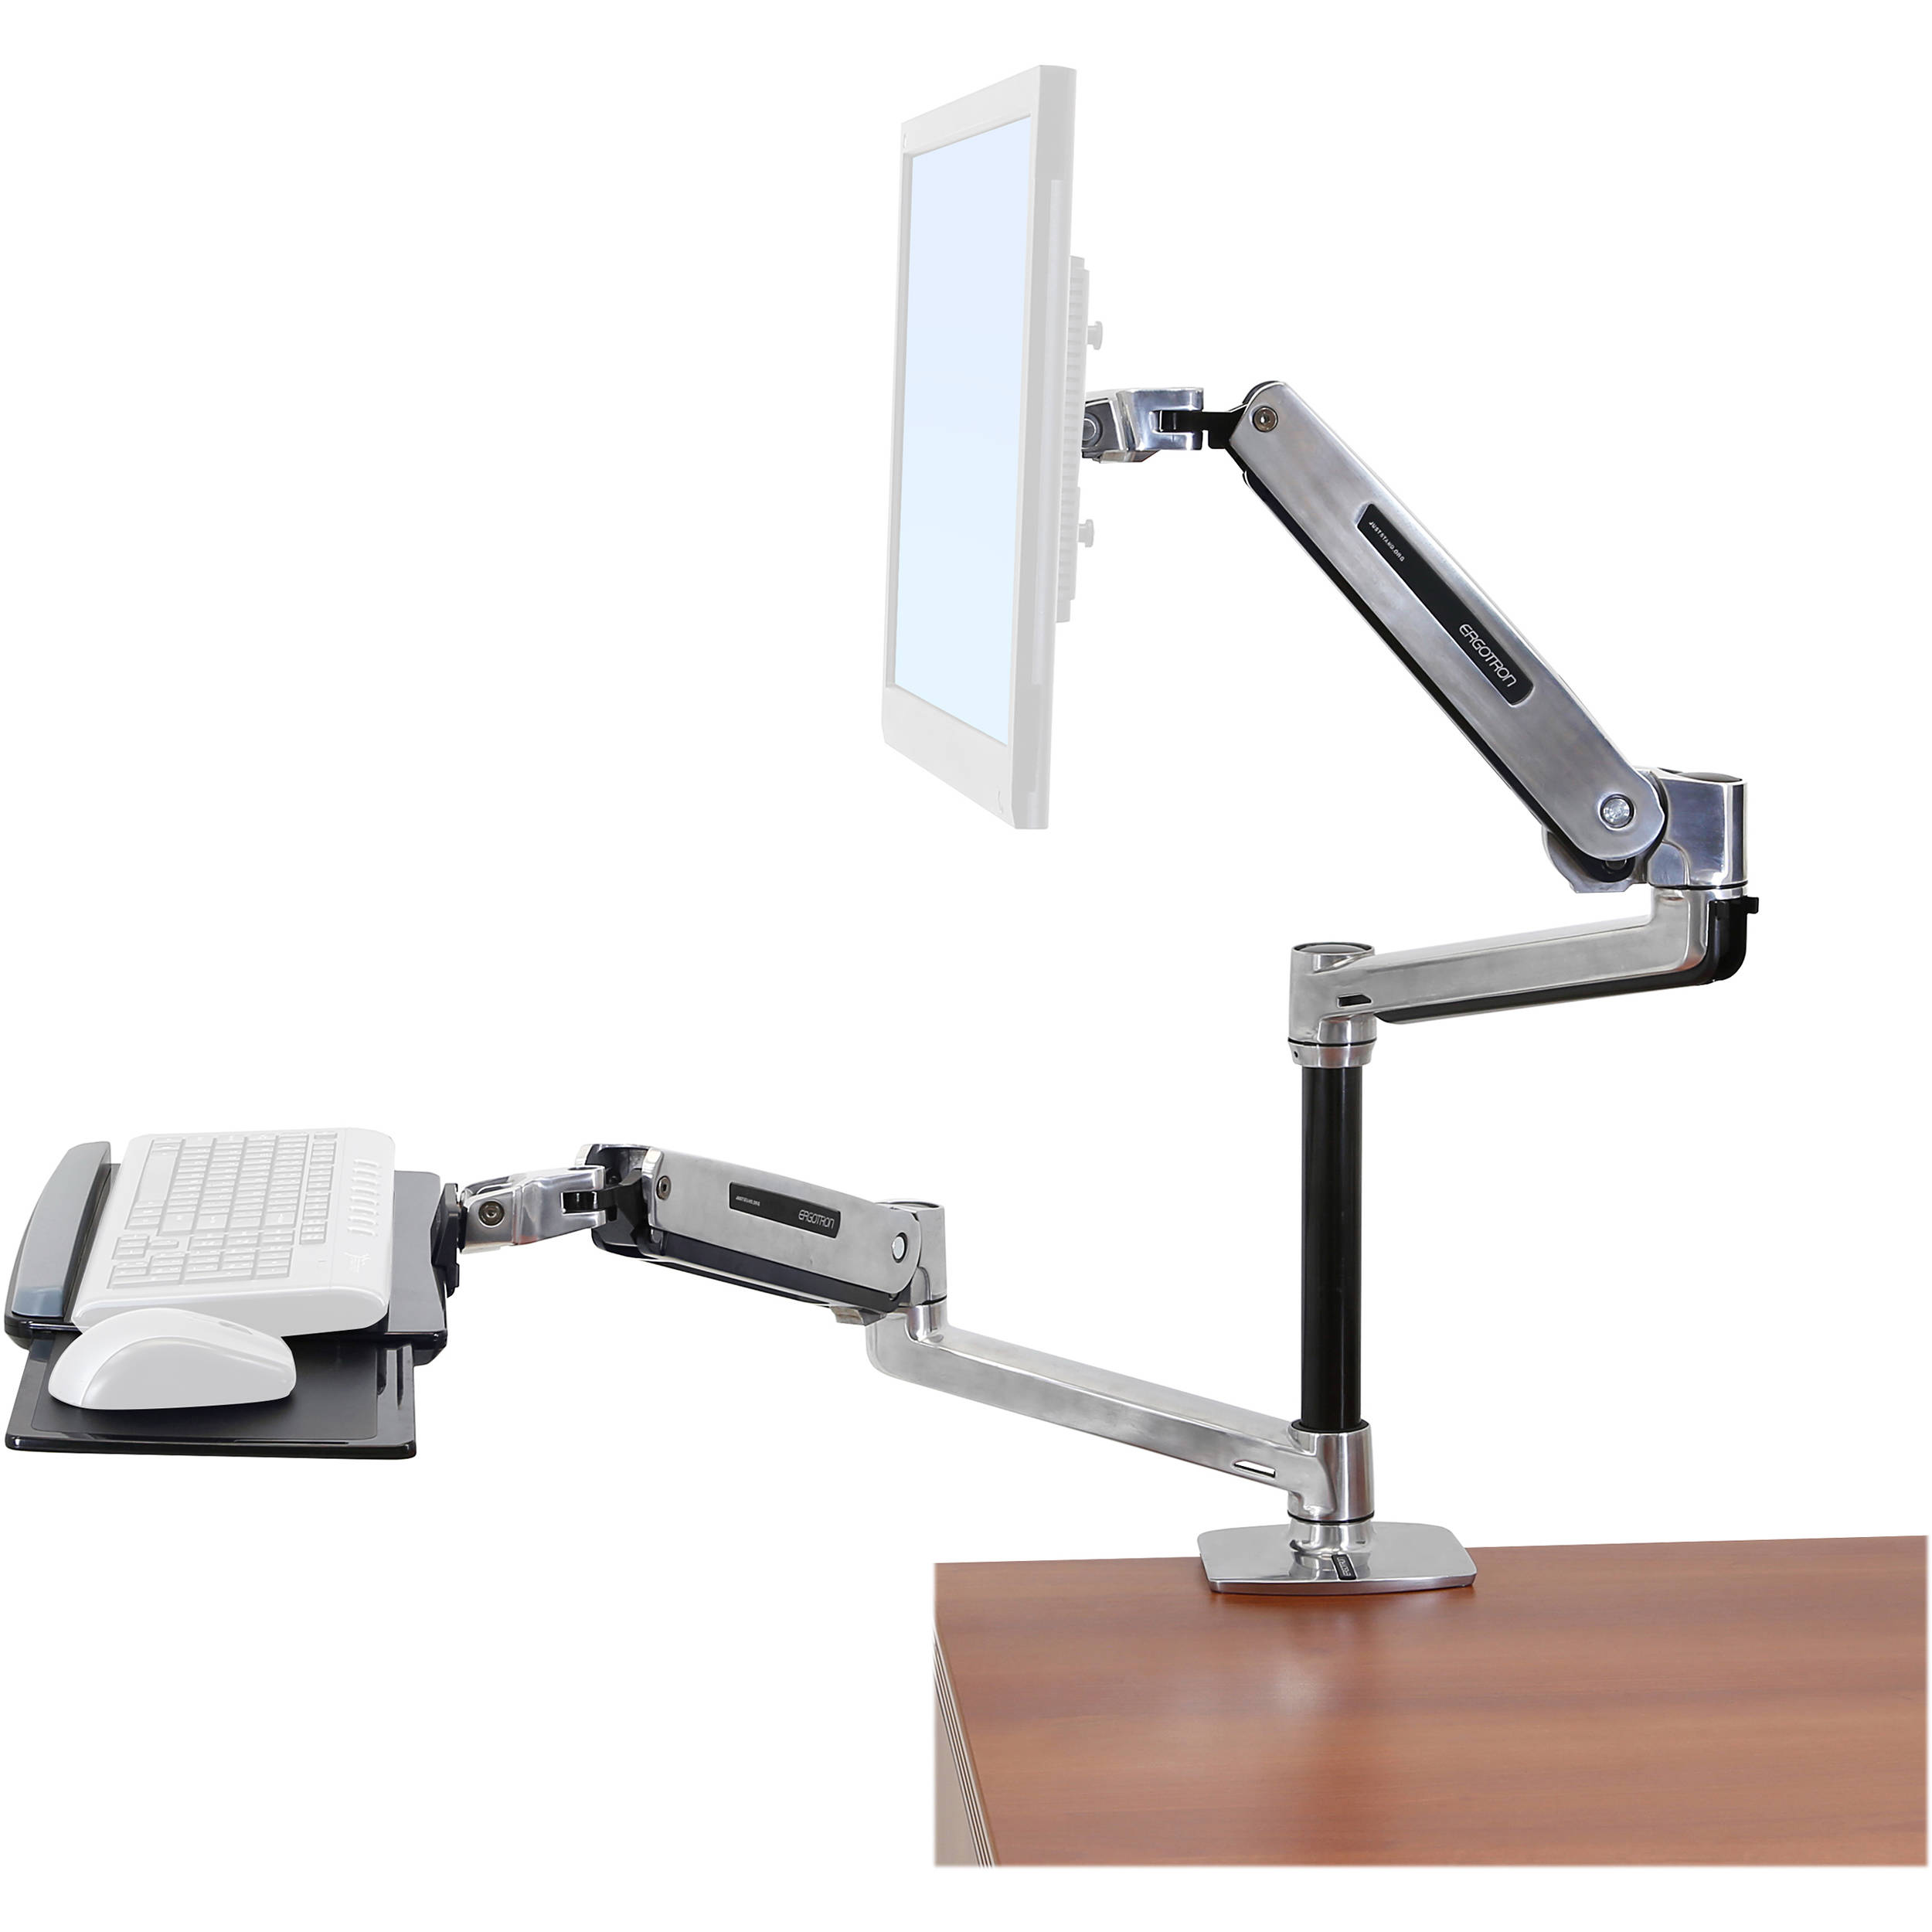 Ergotron WorkFitLX SitStand Desk Mount System 45405026 BH